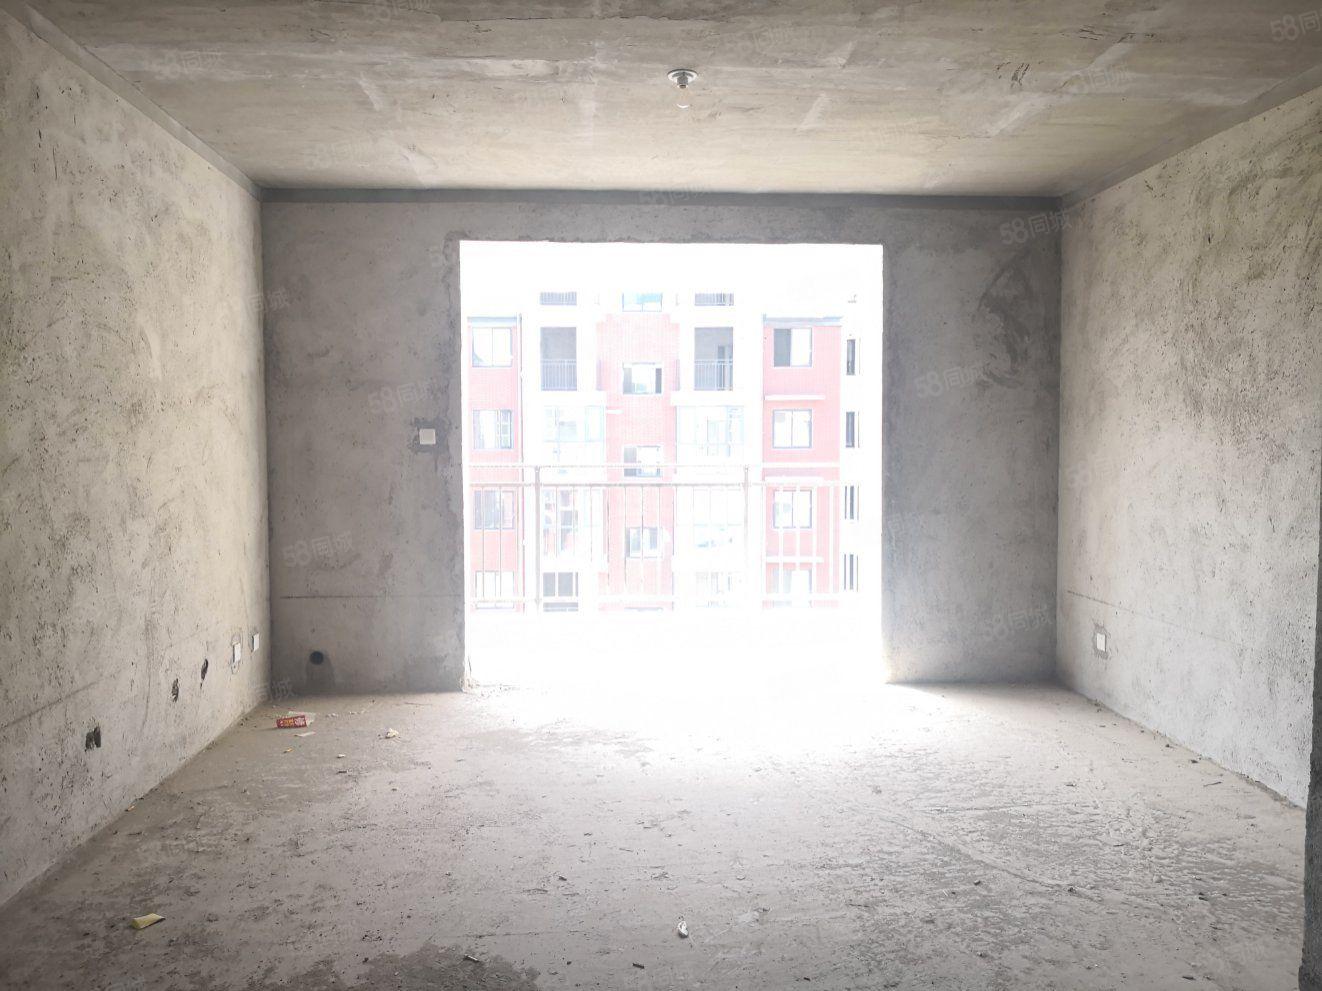 蓝岳玫瑰园多层电梯看房方便小区周边配套齐全交通便利